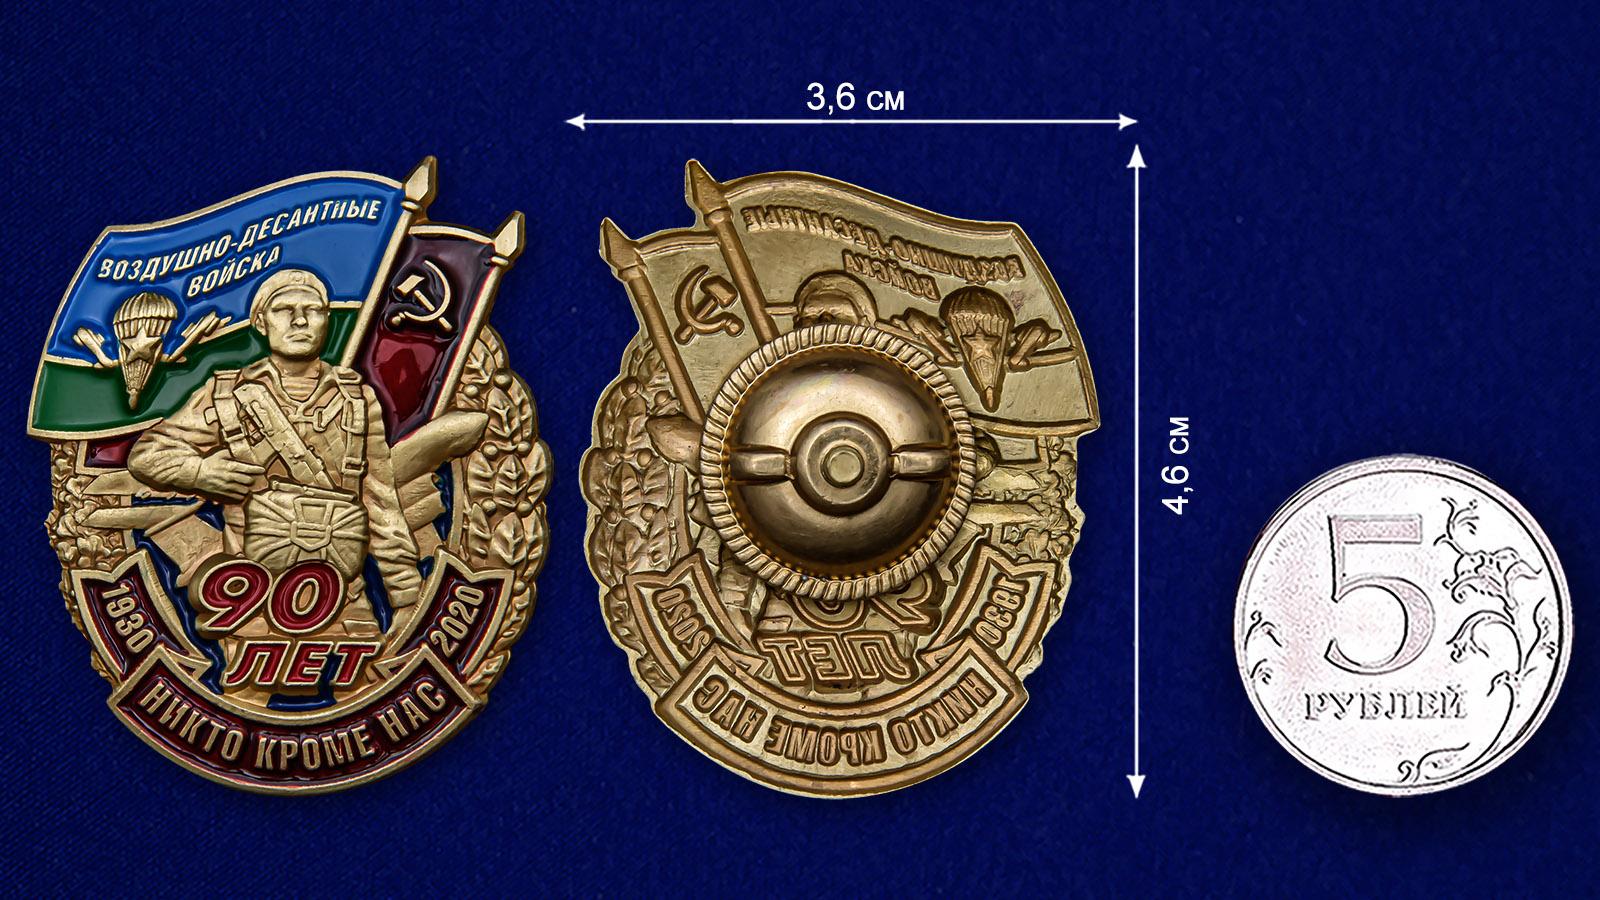 Памятный знак 90 лет Воздушно-десантным войскам - сравнительный вид